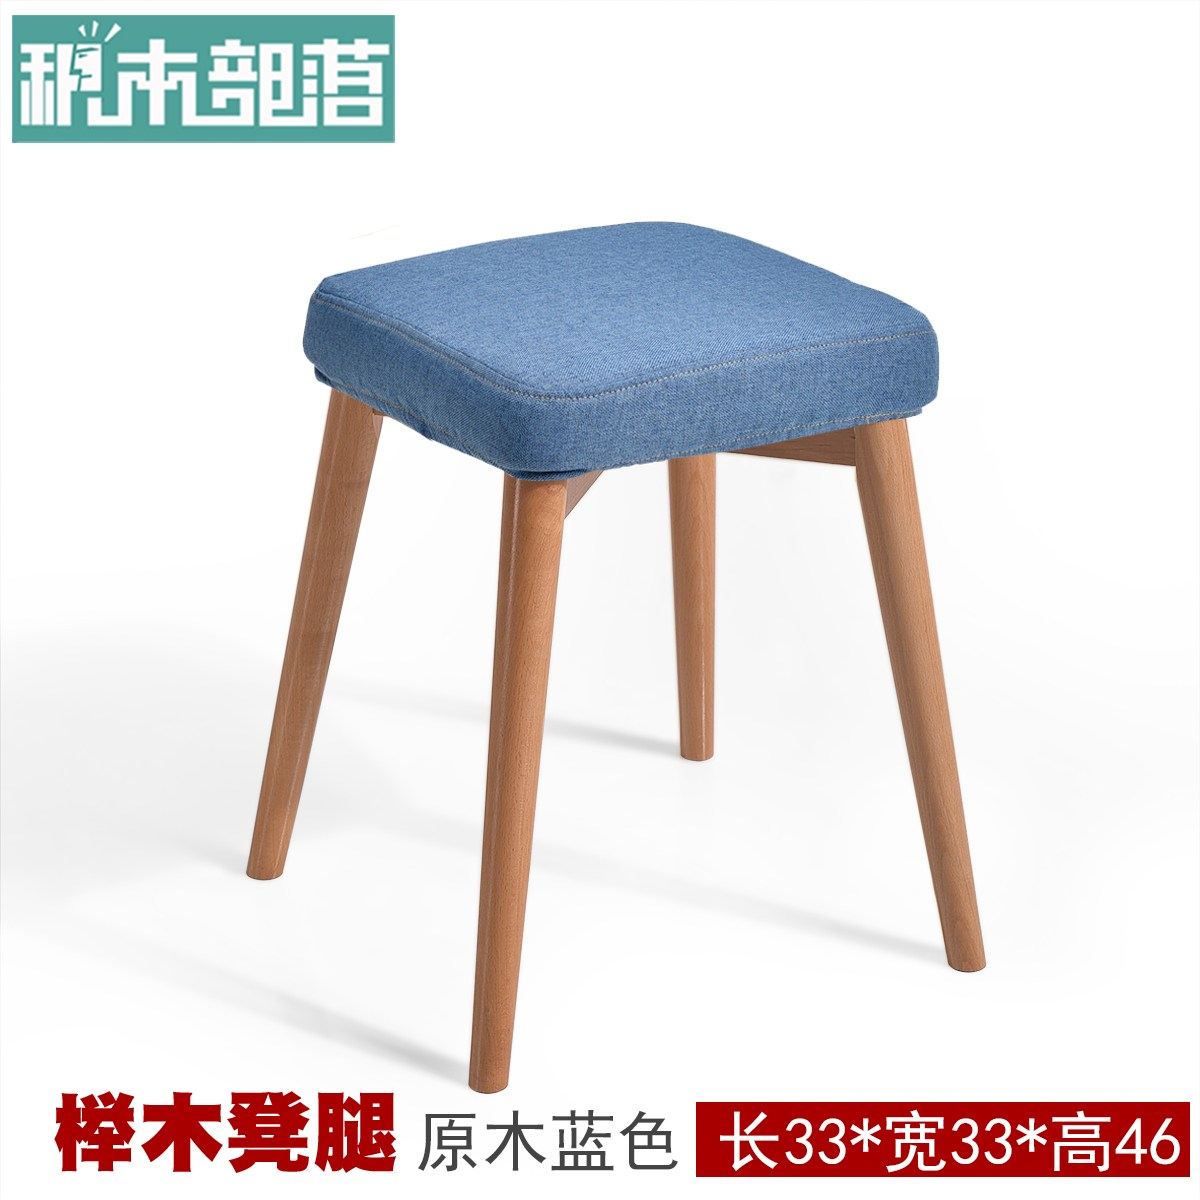 스툴 쌓기놀이 부락 아이디어 원목 등받이없는식탁의자 사각의자 패브릭 화장대의자 패션 가정용 의자, T10-원목색 블루 세마